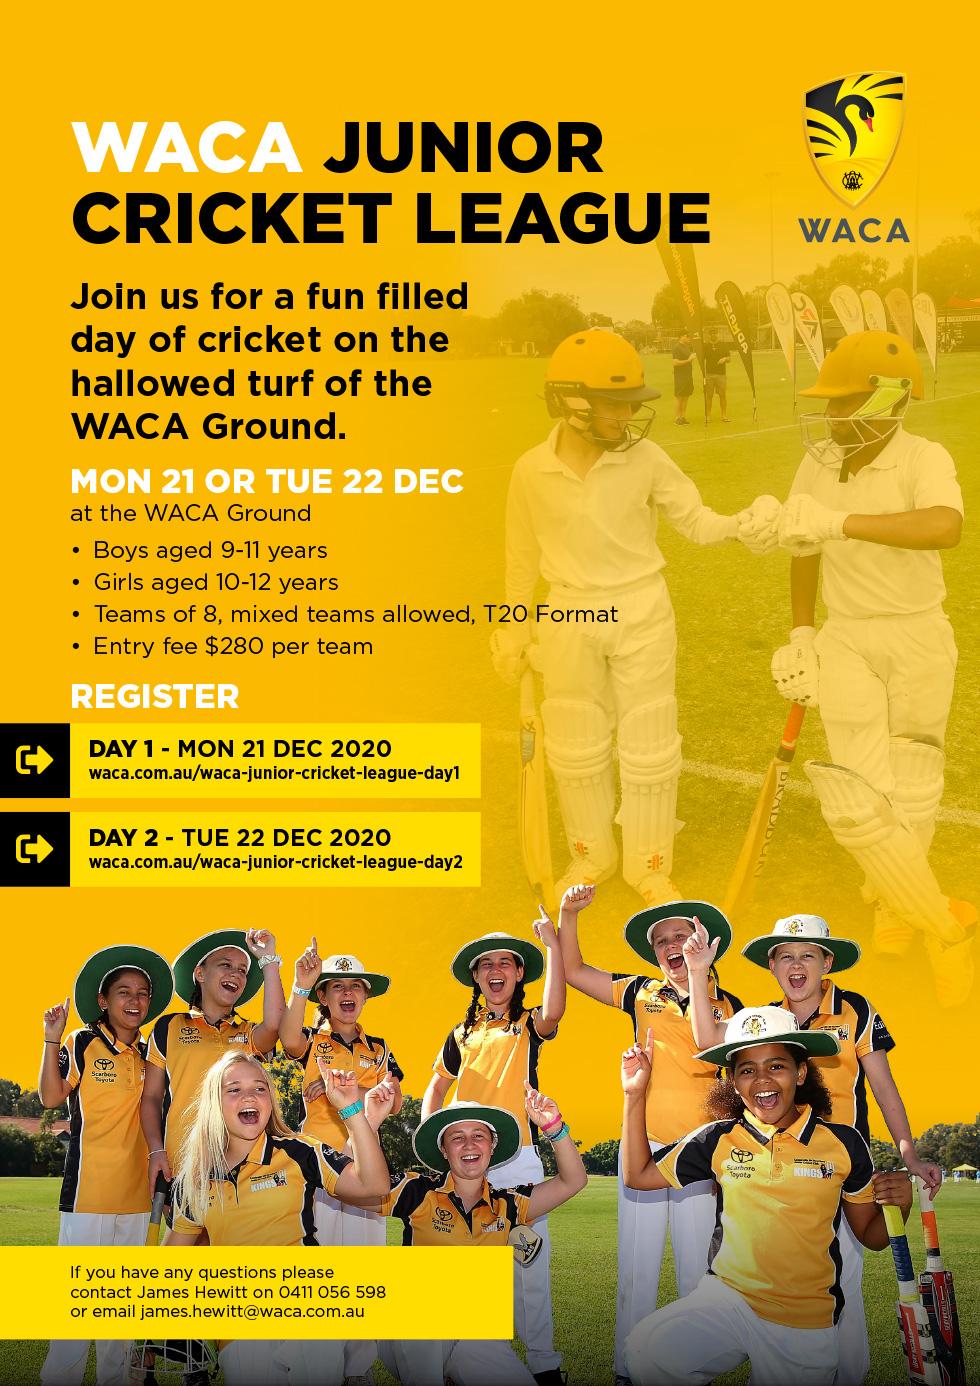 WACA Junior Cricket League